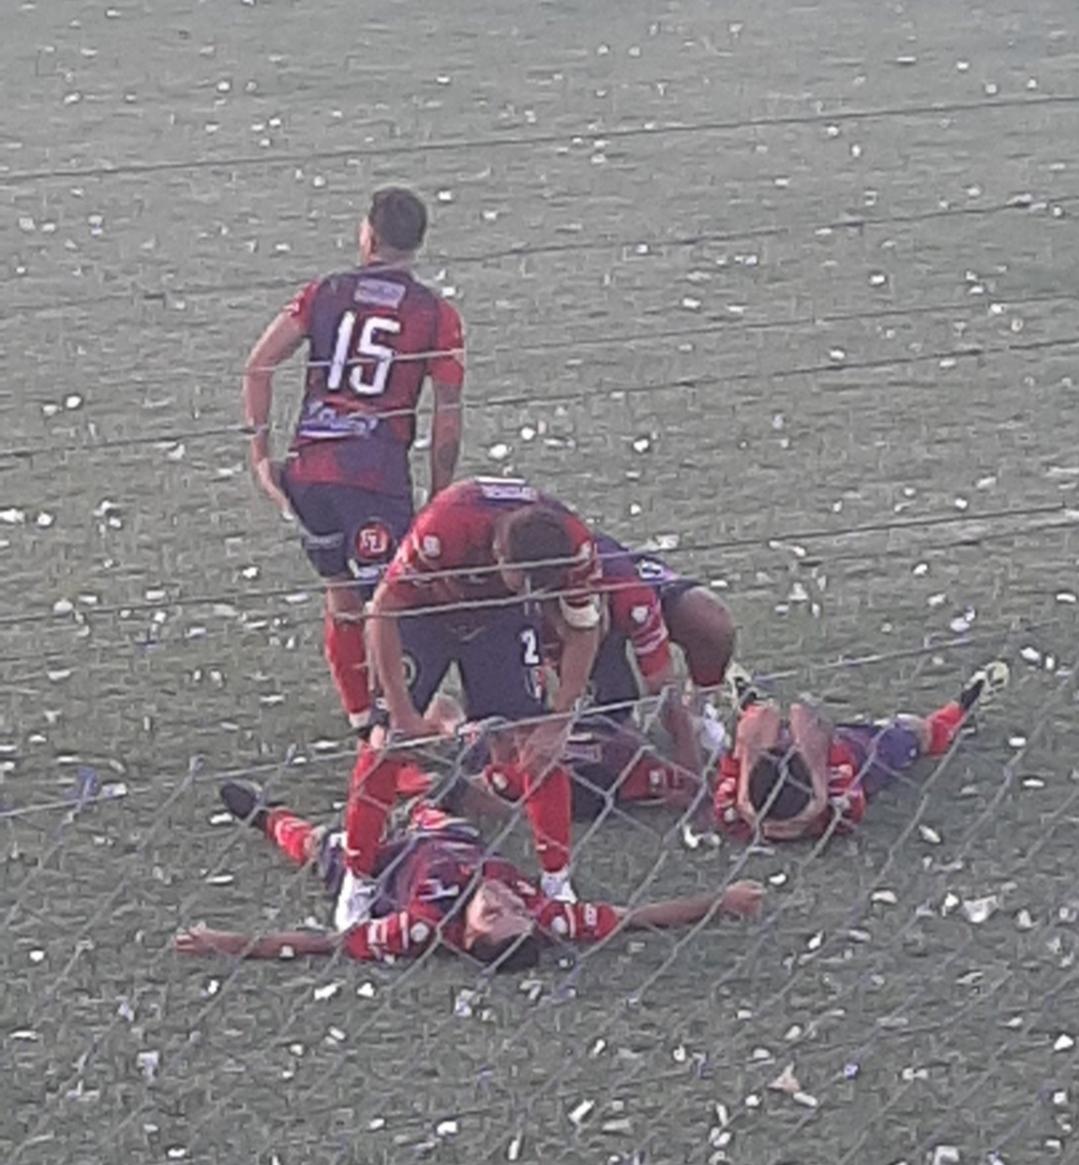 El 'tricolor', de festejo: Belgrano de Vicuña Mackenna se consagró por primera vez en la Liga Regional - Telediario Digital